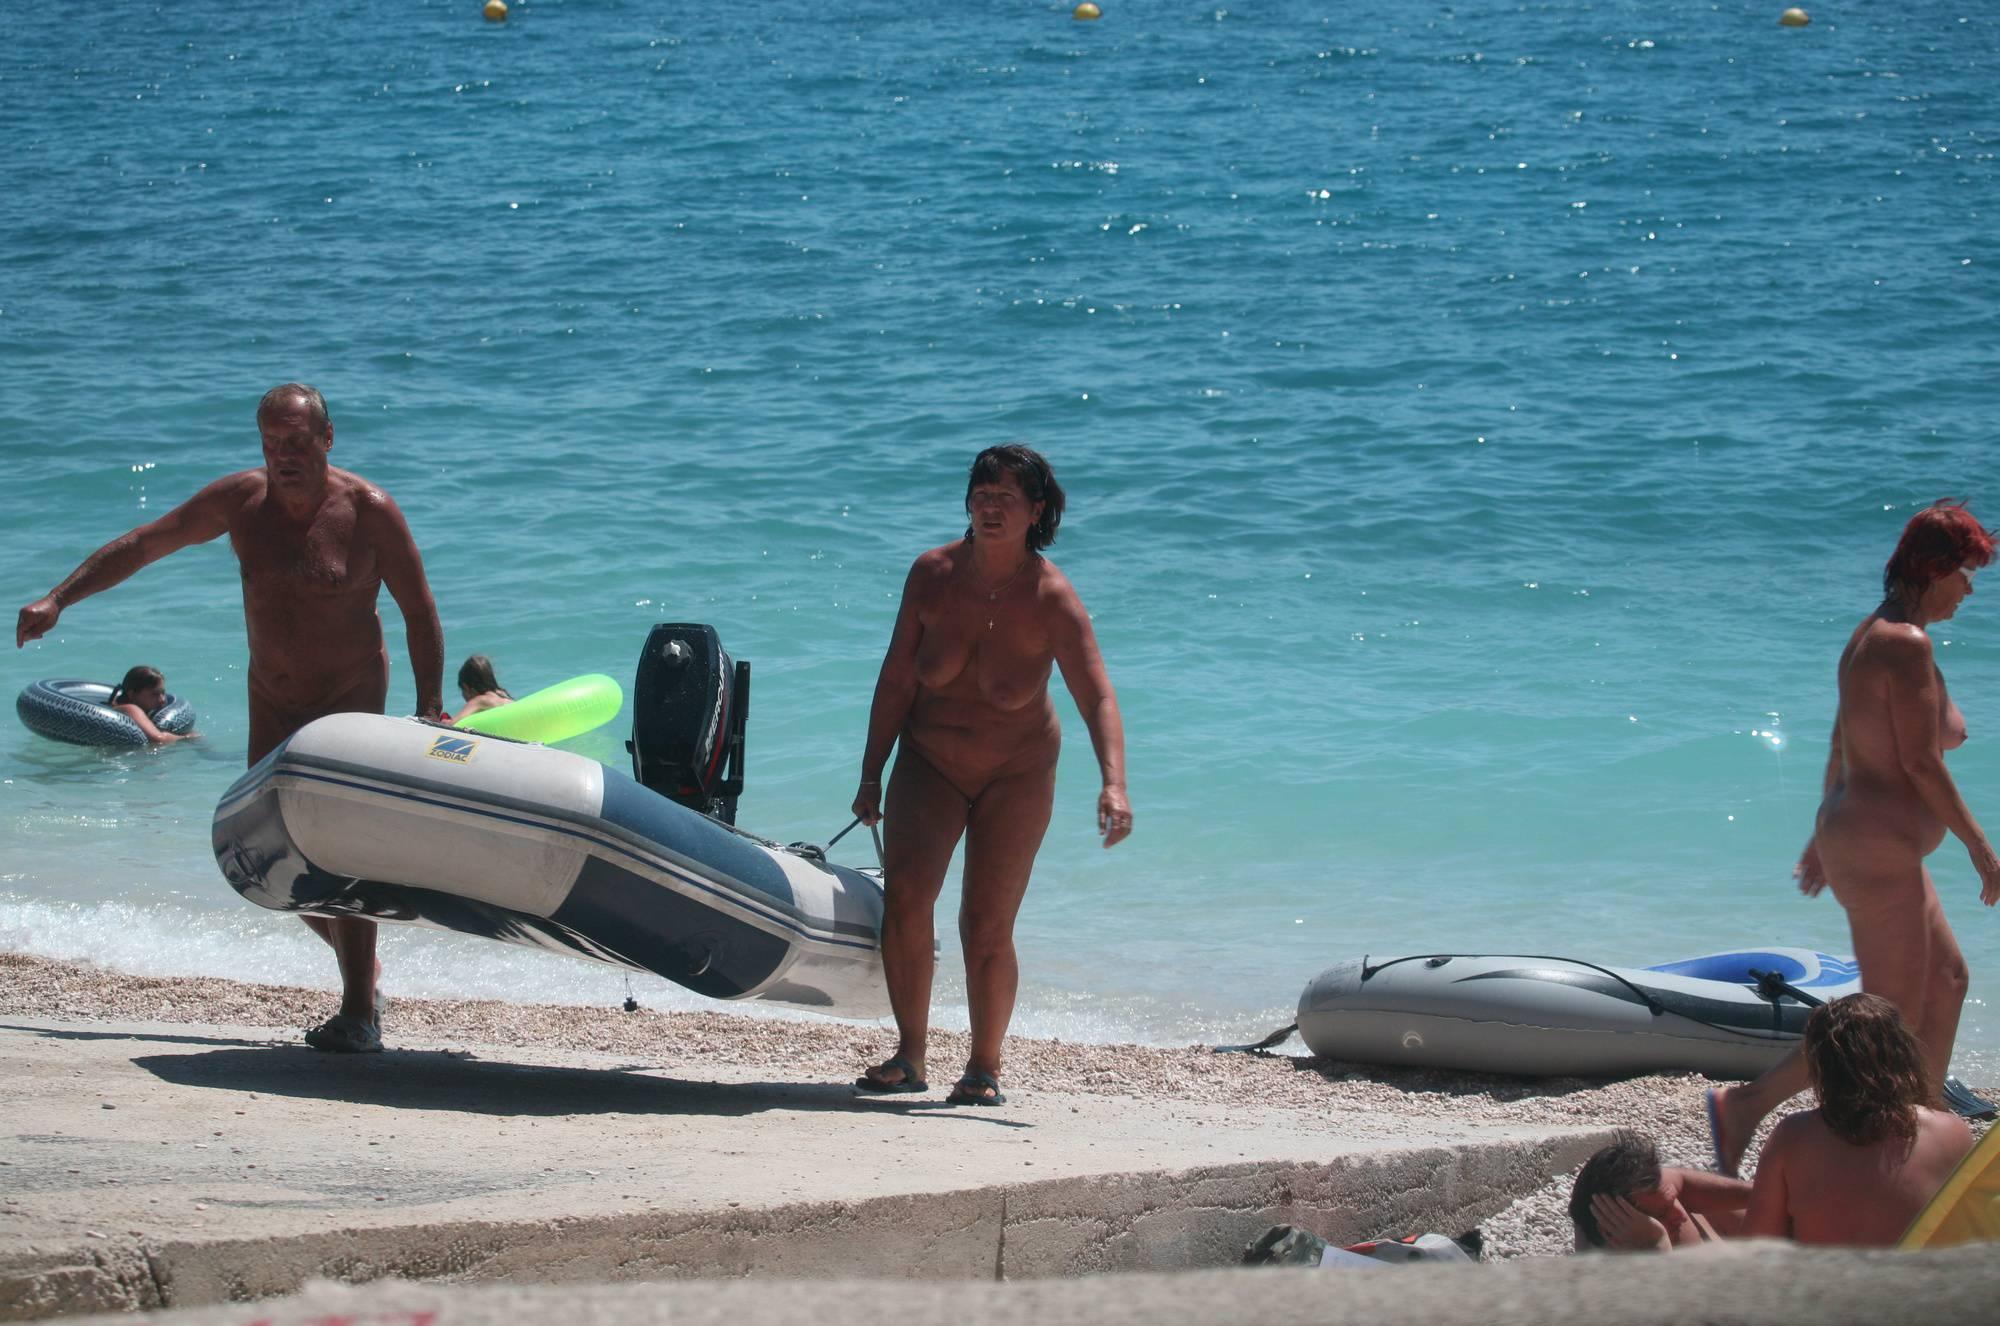 Sunnyside Beach View - 2